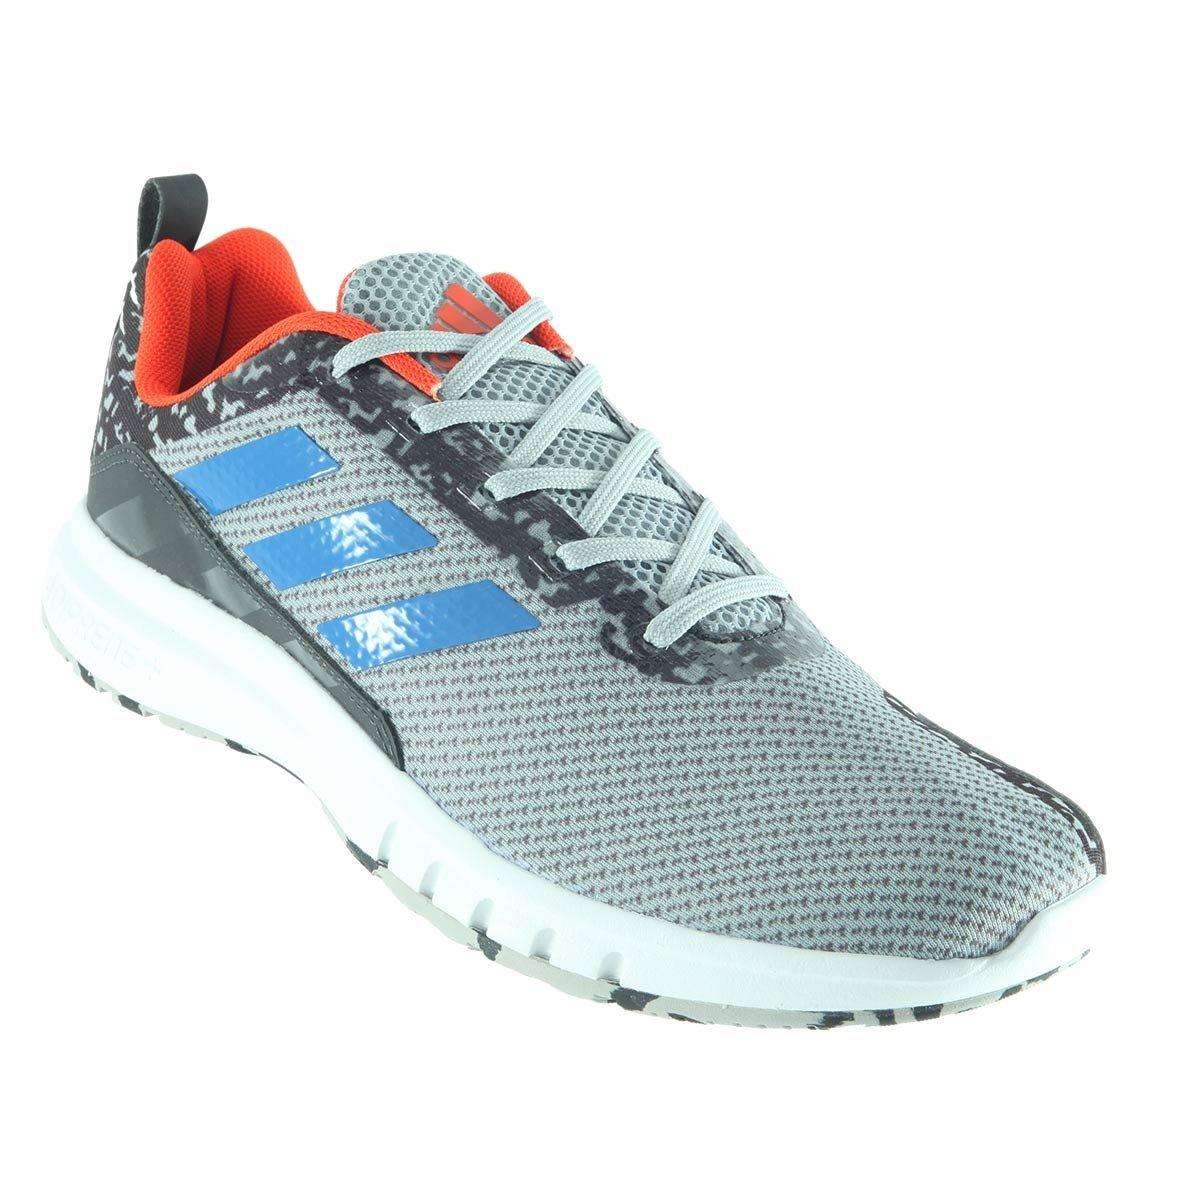 e0432793e82 Tênis Adidas Skyrocket 2 - Compre Agora